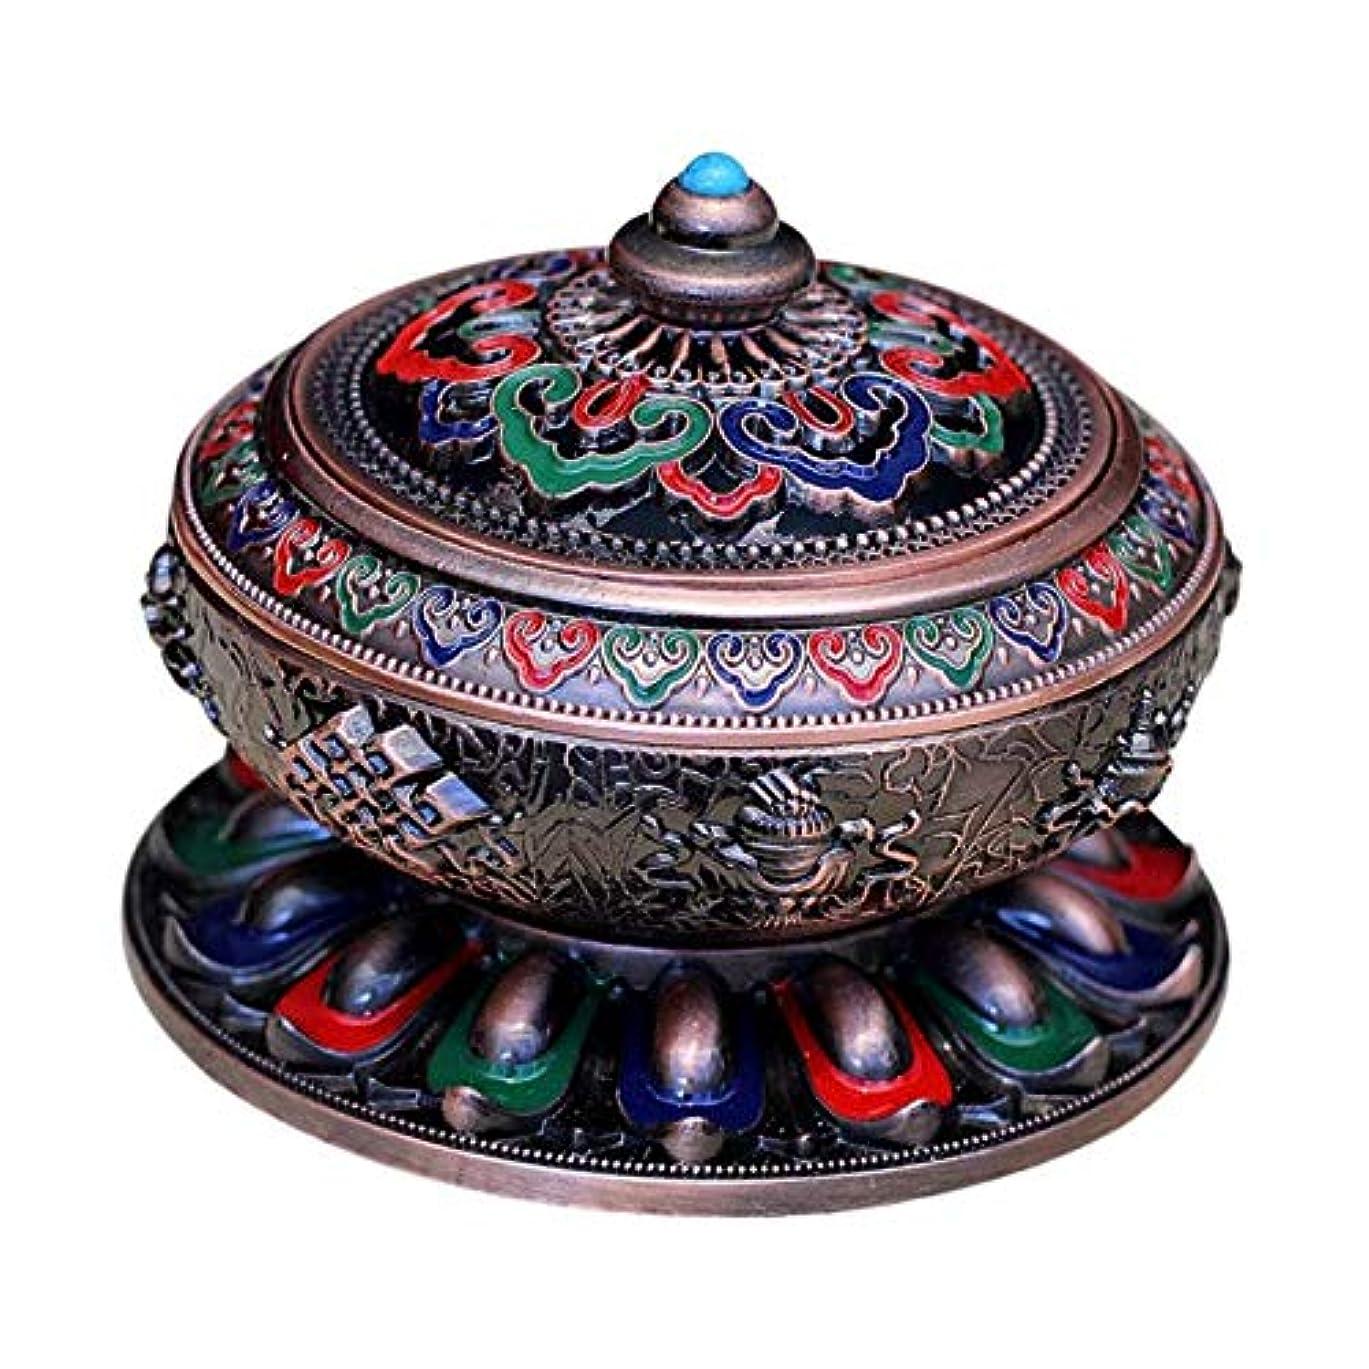 倫理的静脈プレフィックス香炉 アンティーク 仏教 コーン 香りバーナー 丸香炉 癒しグッズ 琺瑯工芸 全3色 - 赤